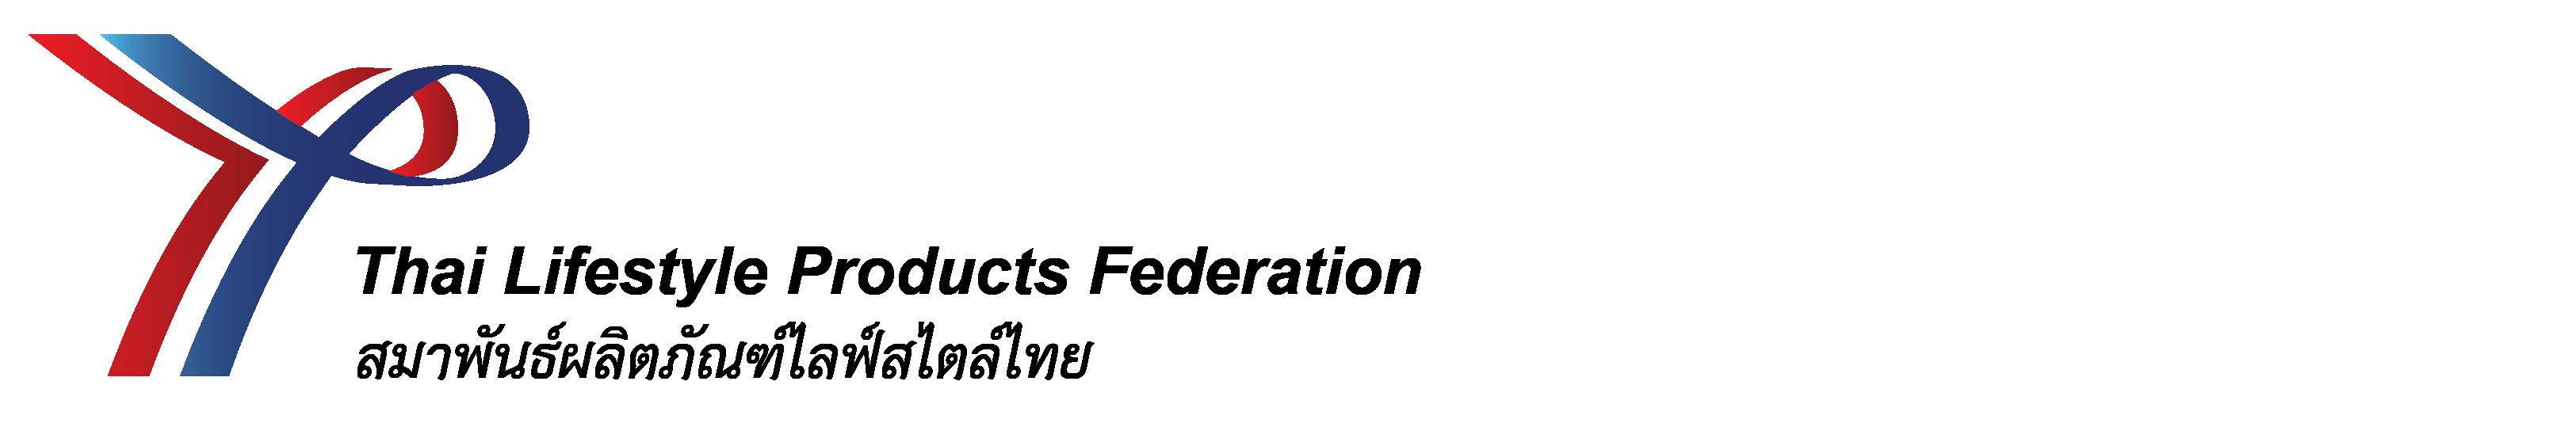 สมาพันธ์ผลิตภัณฑ์ไลฟ์สไตล์ไทย